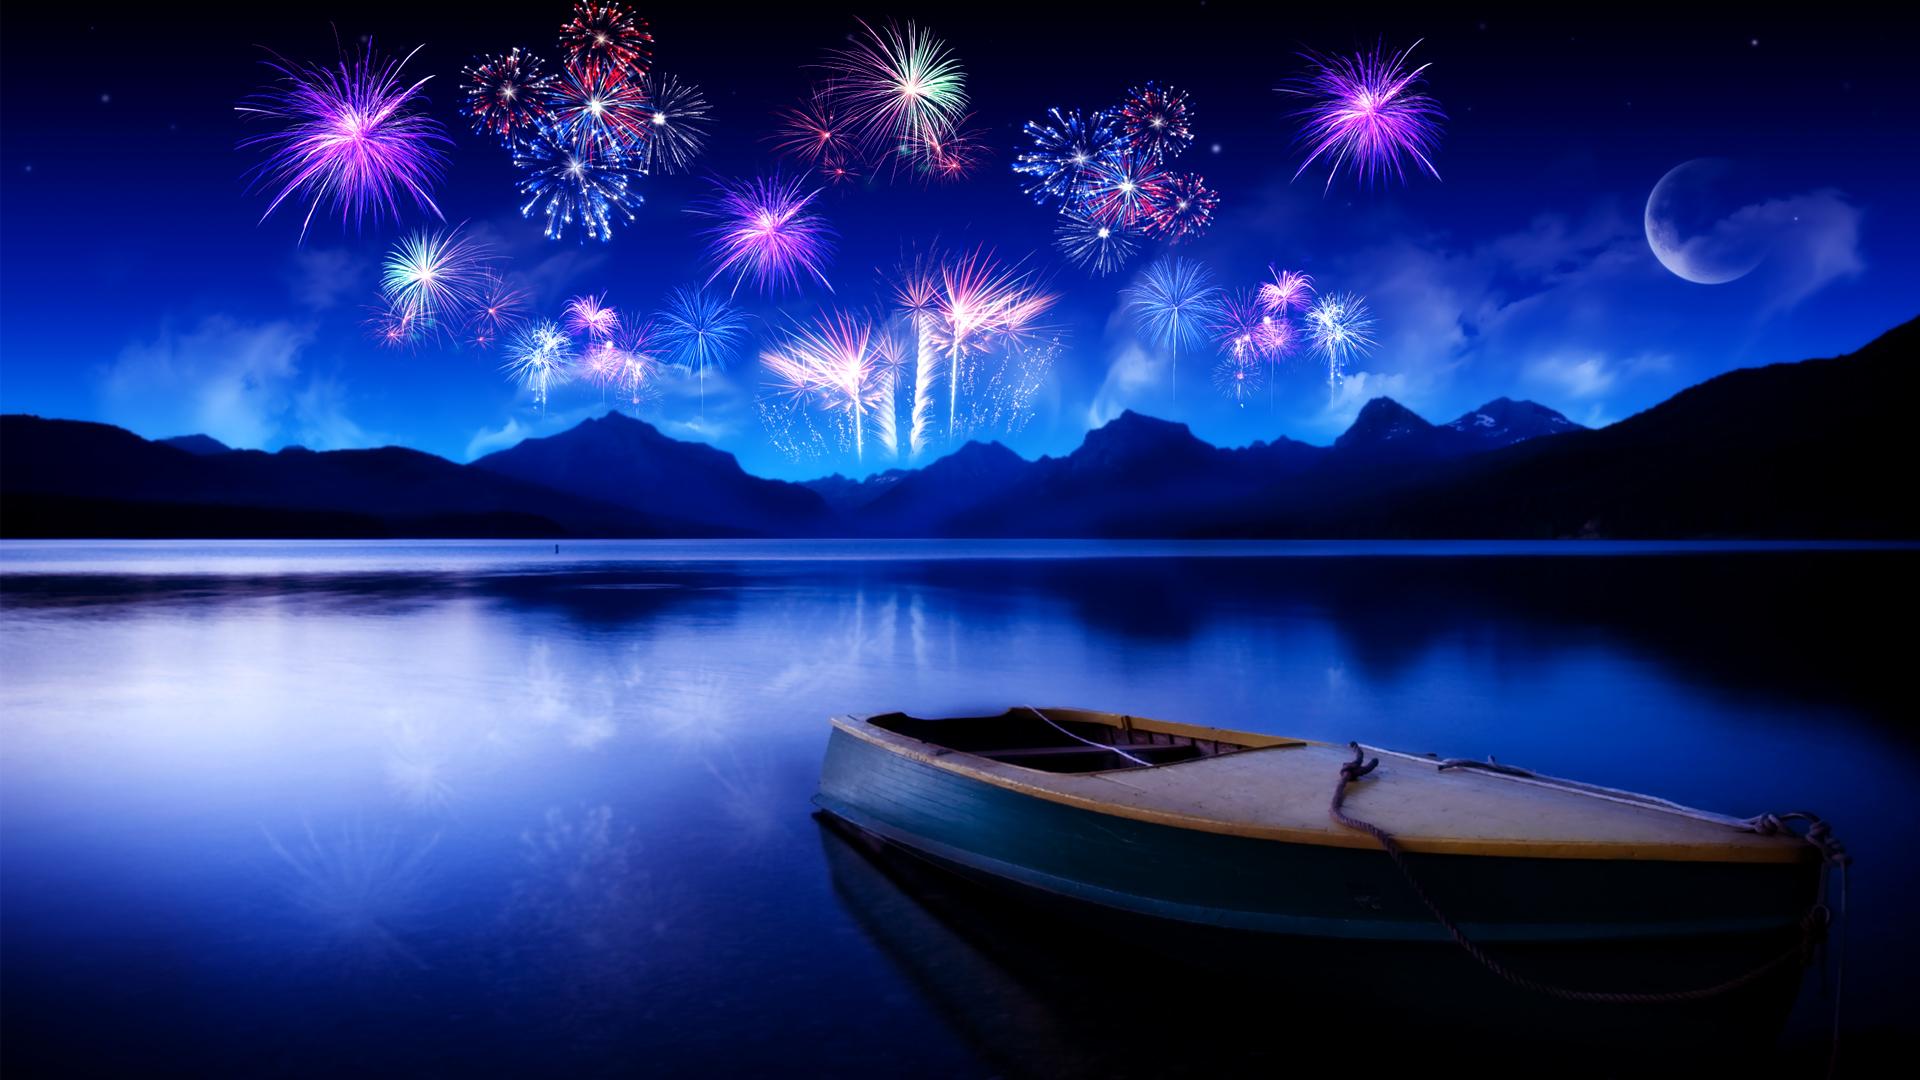 fireworks live wallpaper   hdwallpaper20com 1920x1080